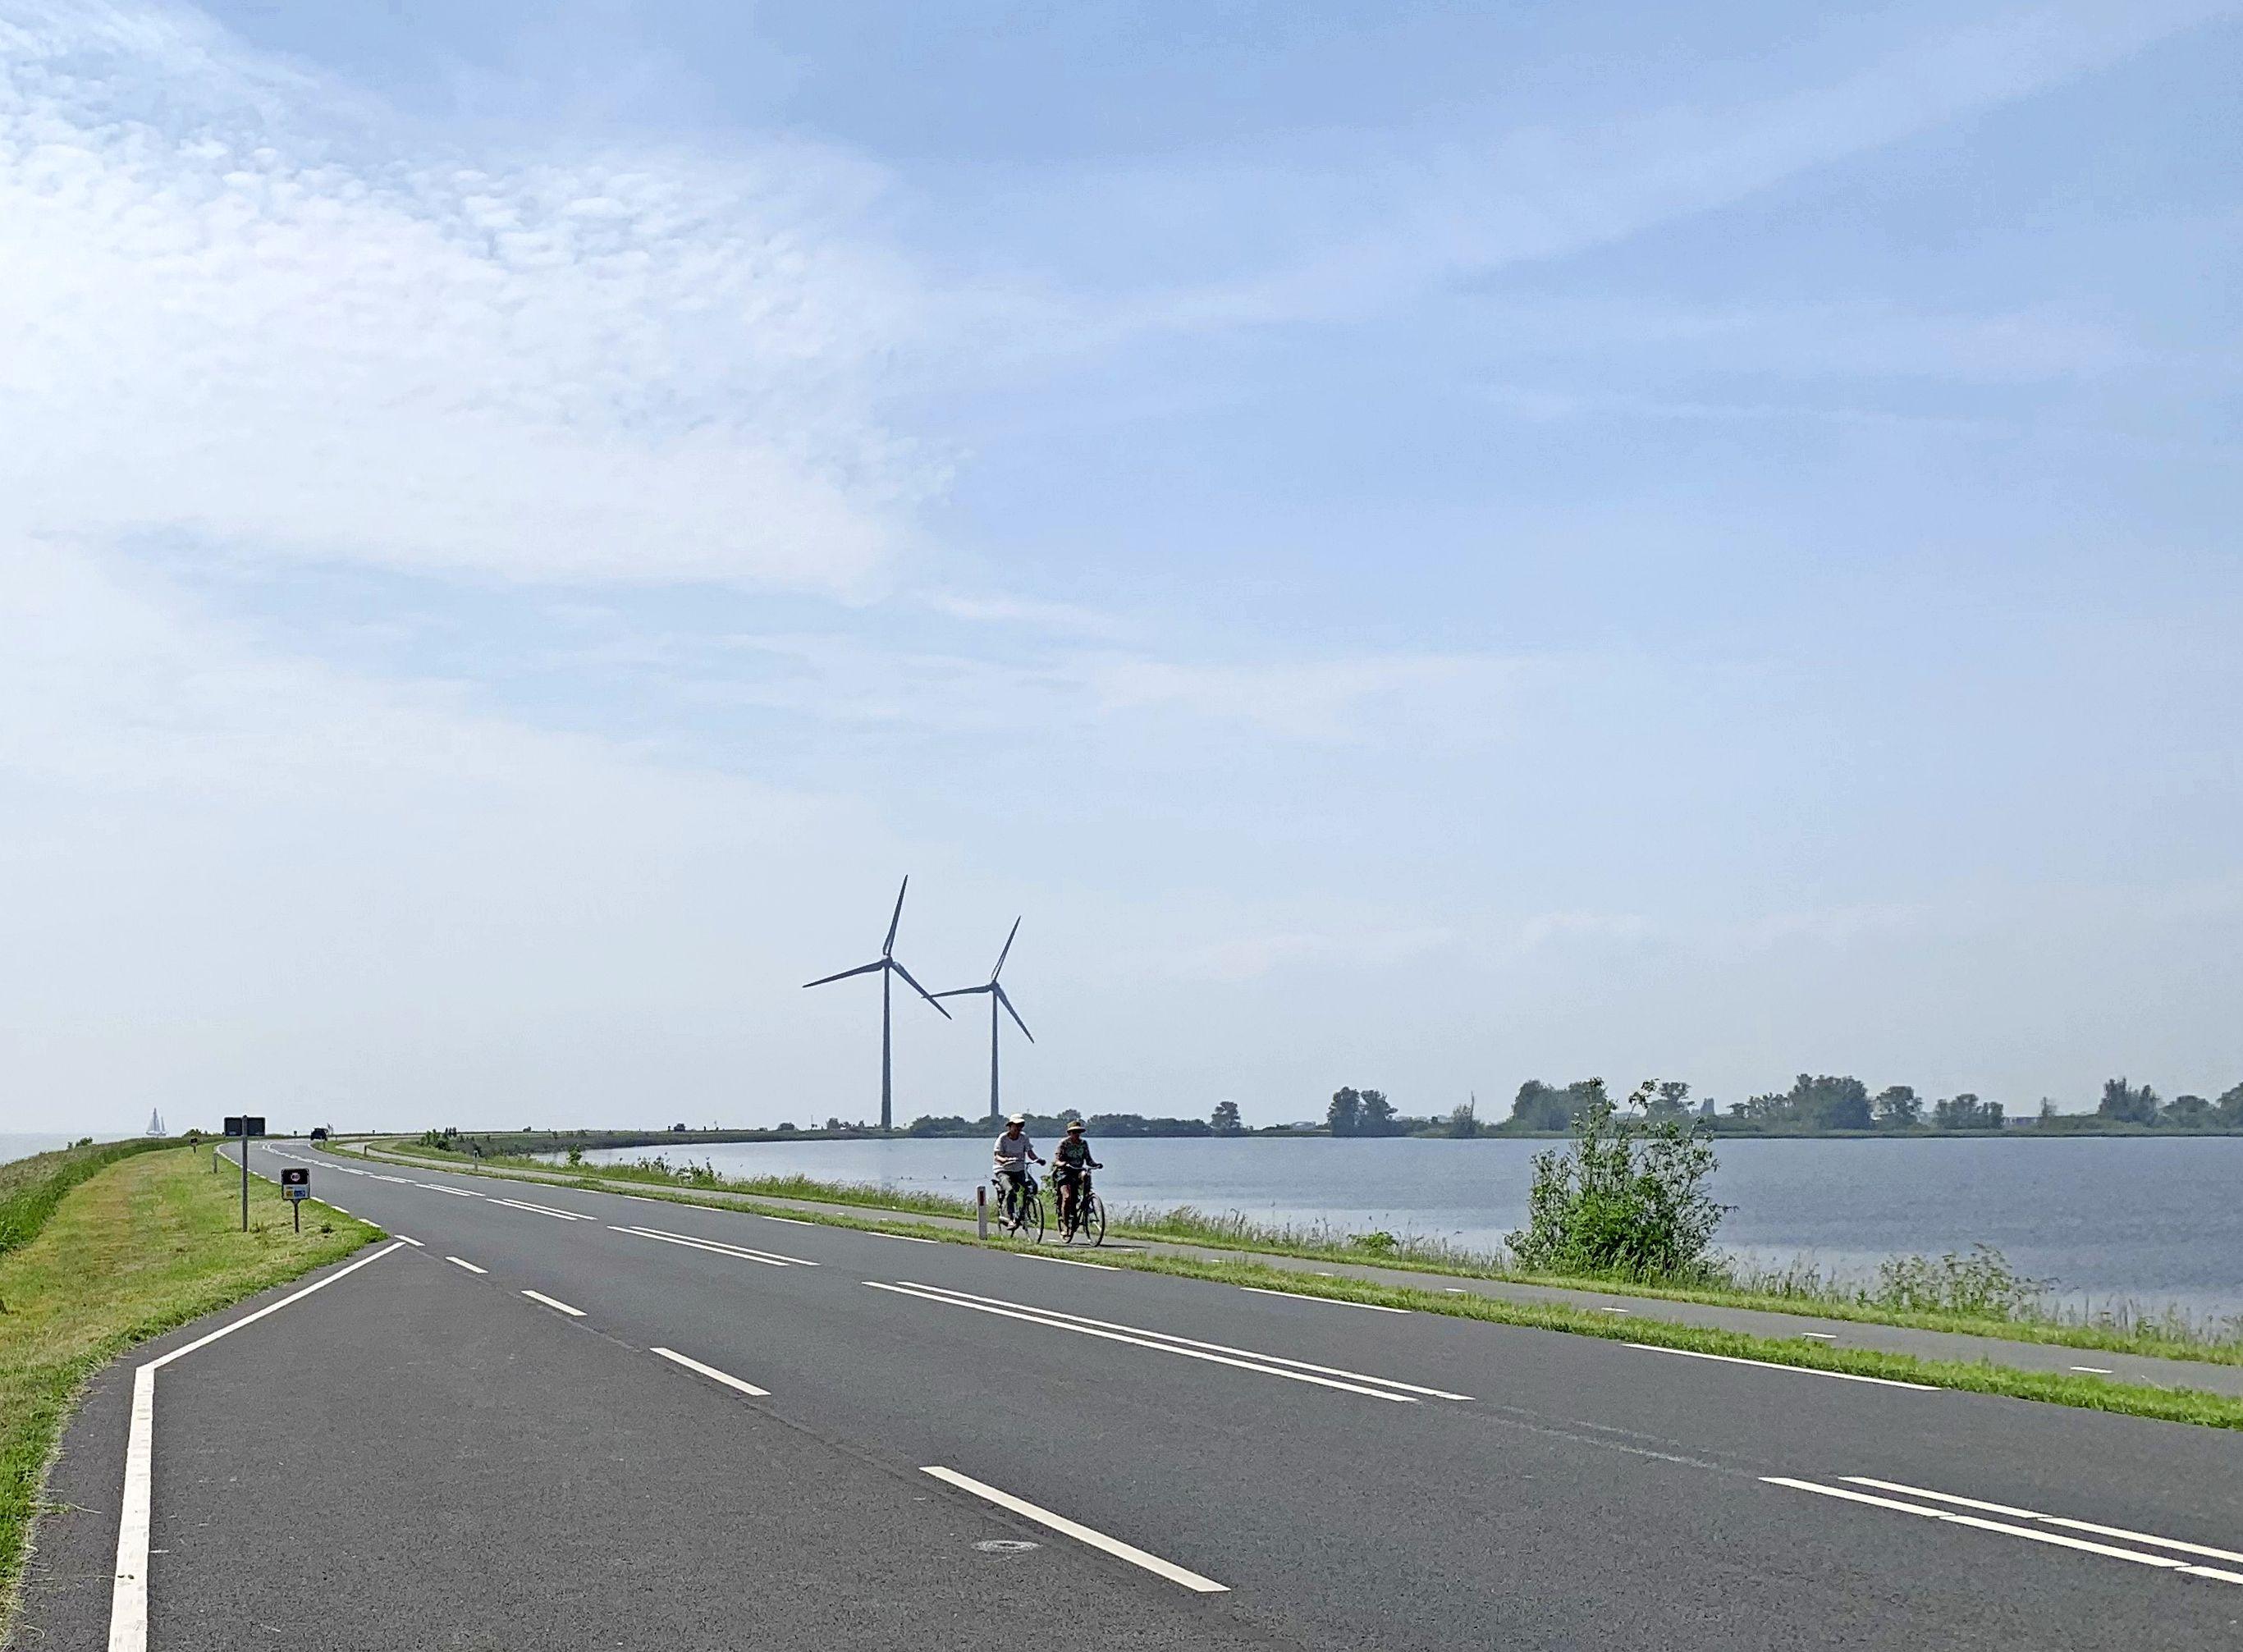 Windmolens langs dijk naar Marken taboe; uitbreiding bij de Nes moet beperkt blijven, vindt Waterland